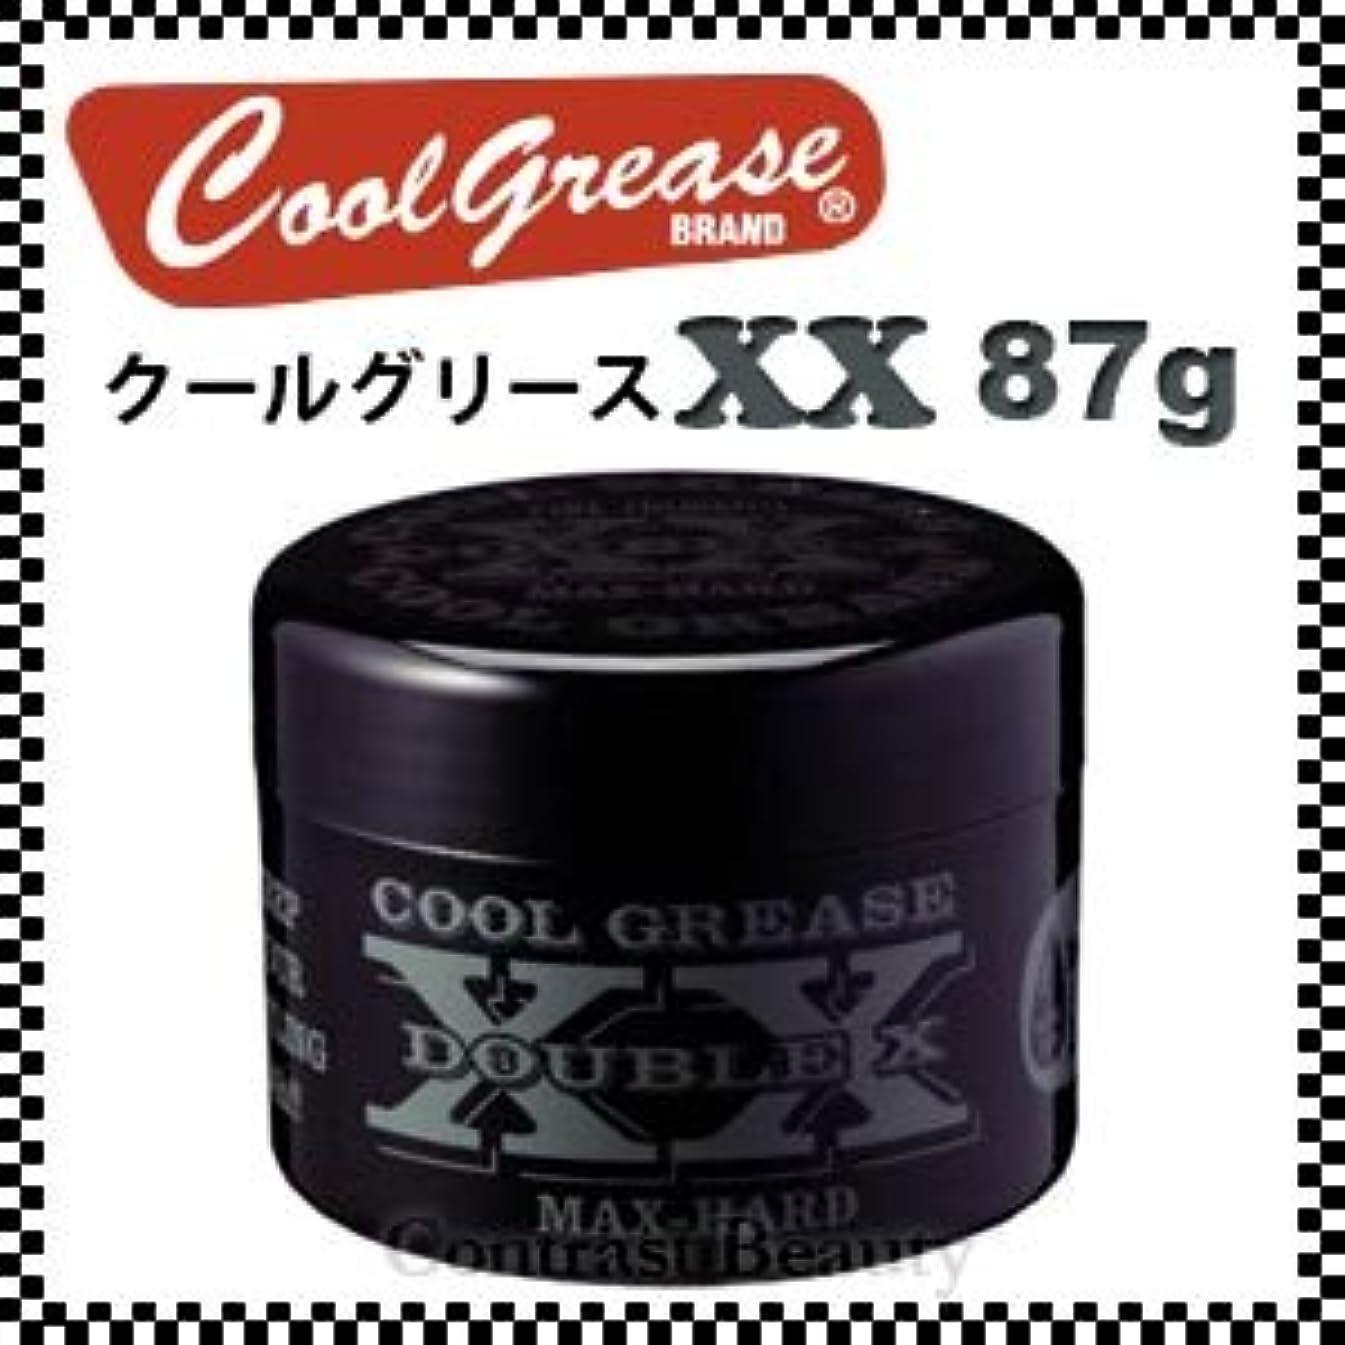 これら家庭教師ネクタイ【X2個セット】 阪本高生堂 クールグリース XX 87g